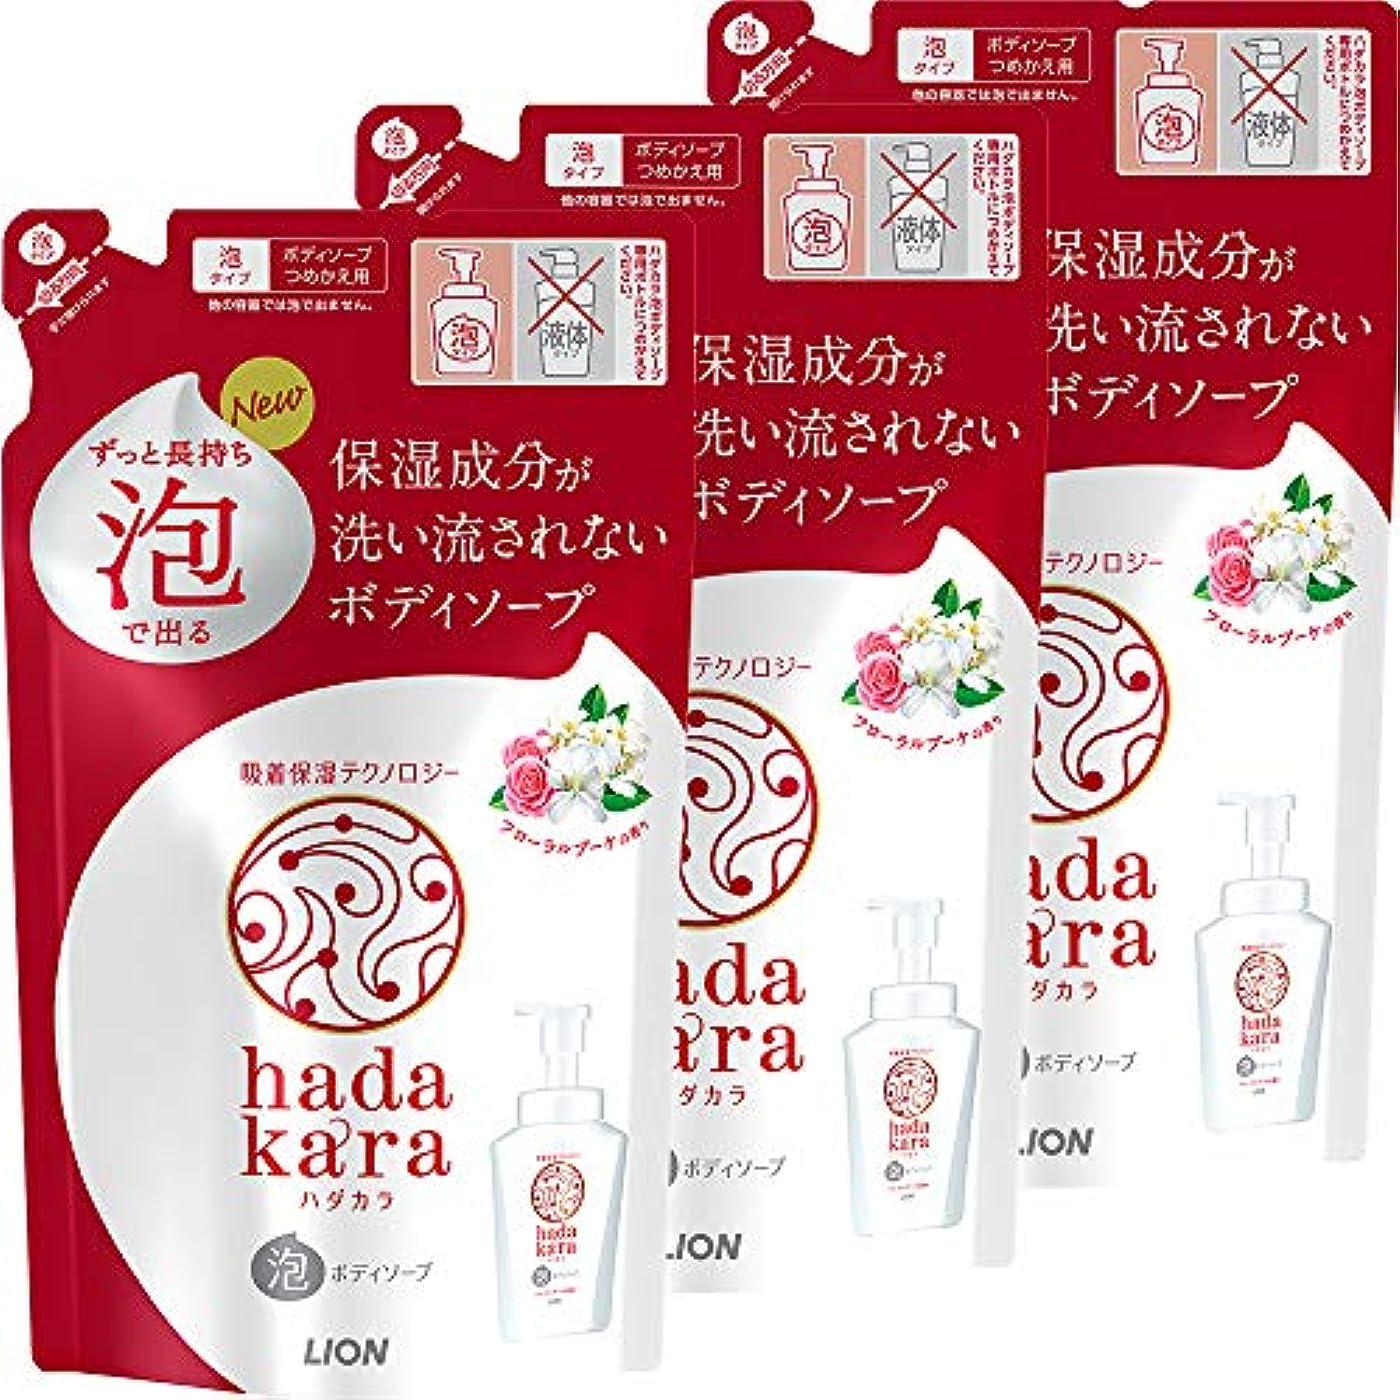 ロードハウス先史時代の会計士hadakara(ハダカラ) ボディソープ 泡タイプ フローラルブーケの香り 詰替440ml×3個